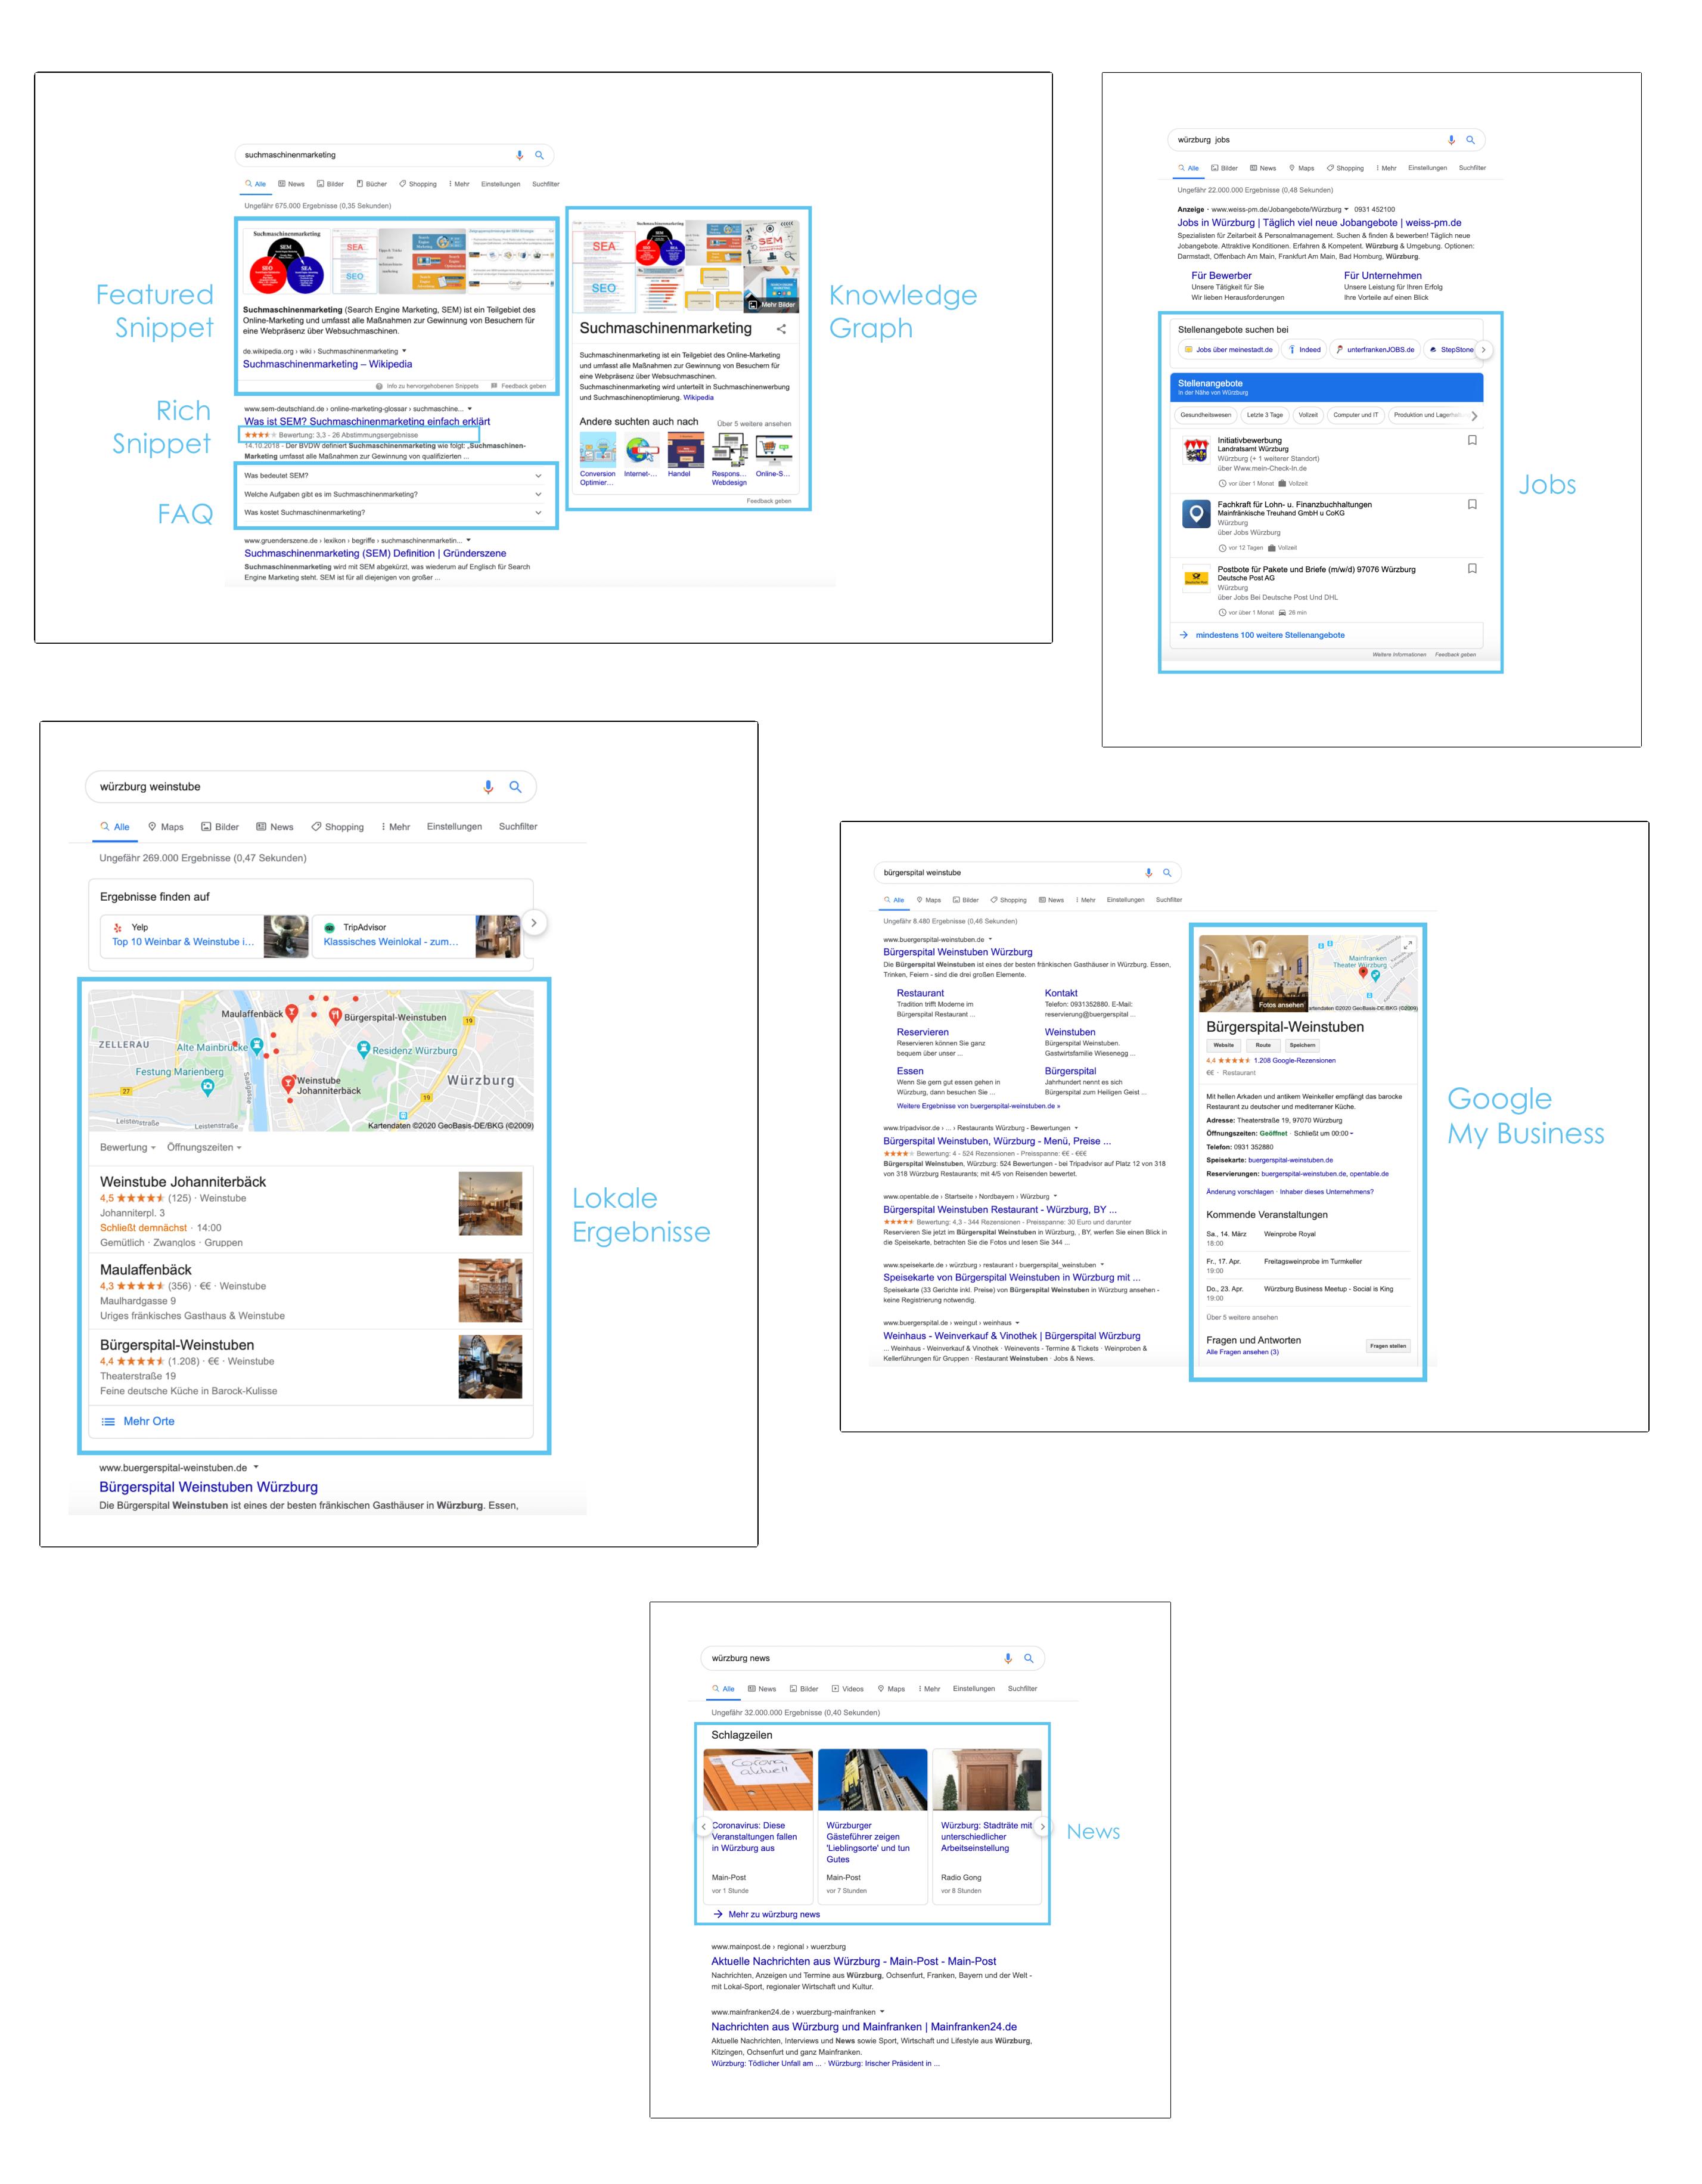 Arten von SERP-Snippets in den organischen Suchergebnissen